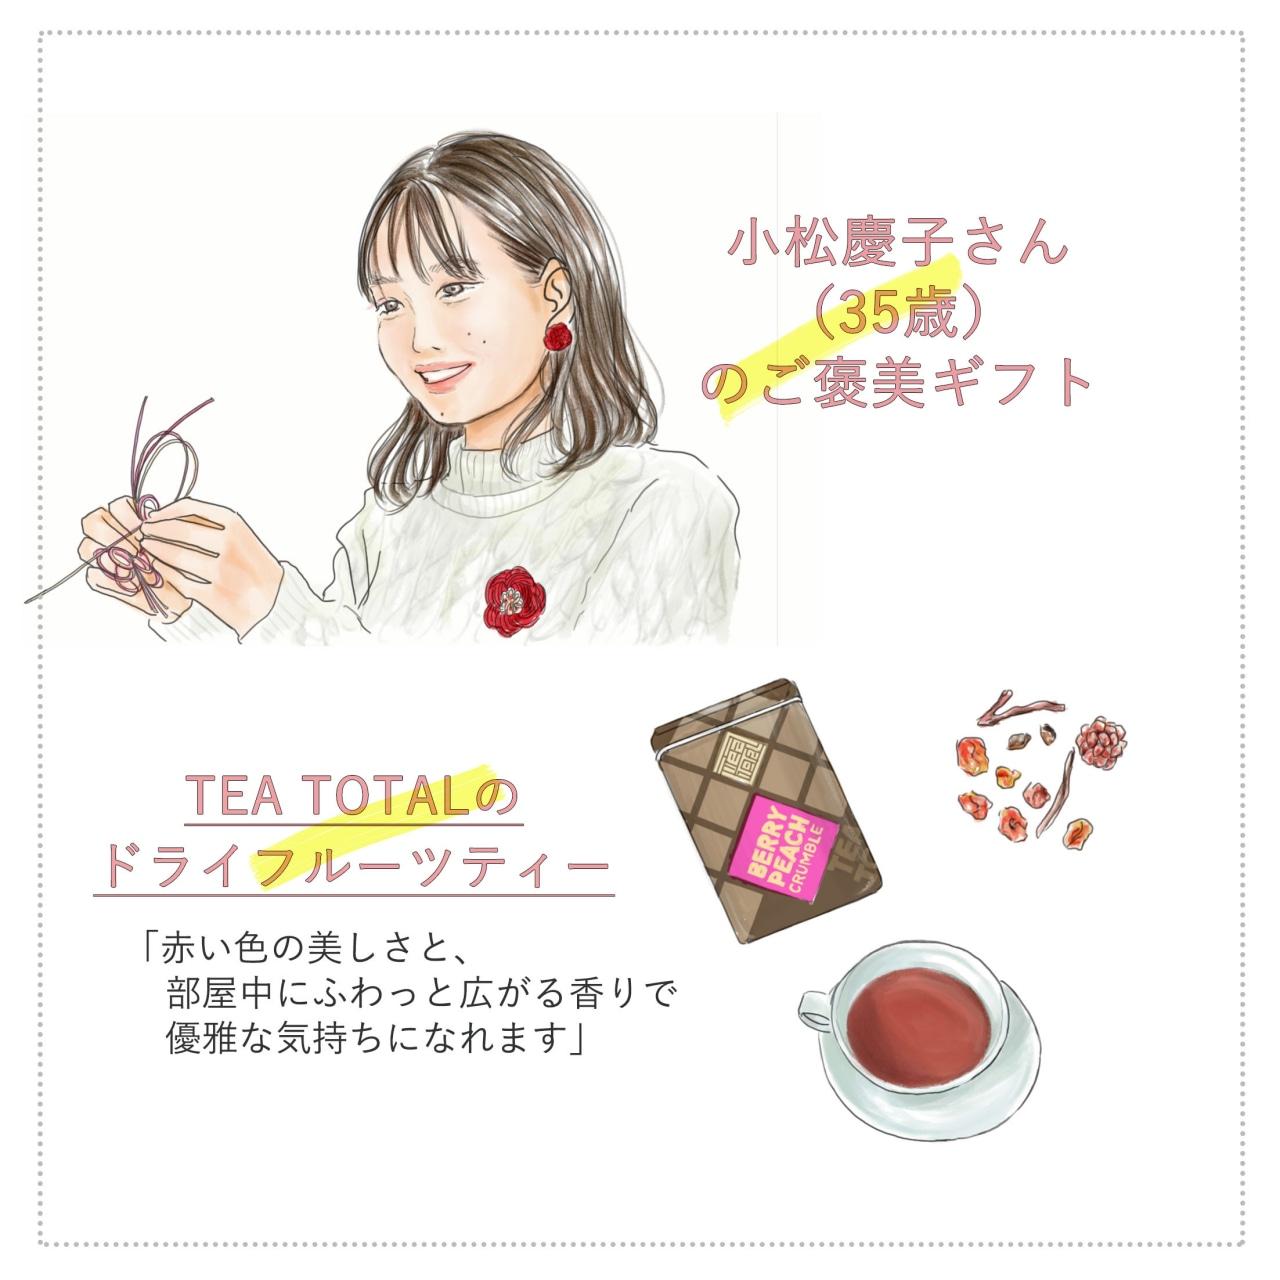 東京と福岡でデュアルライフを送る株式会社Tryfe取締役の境美希さん(31歳)